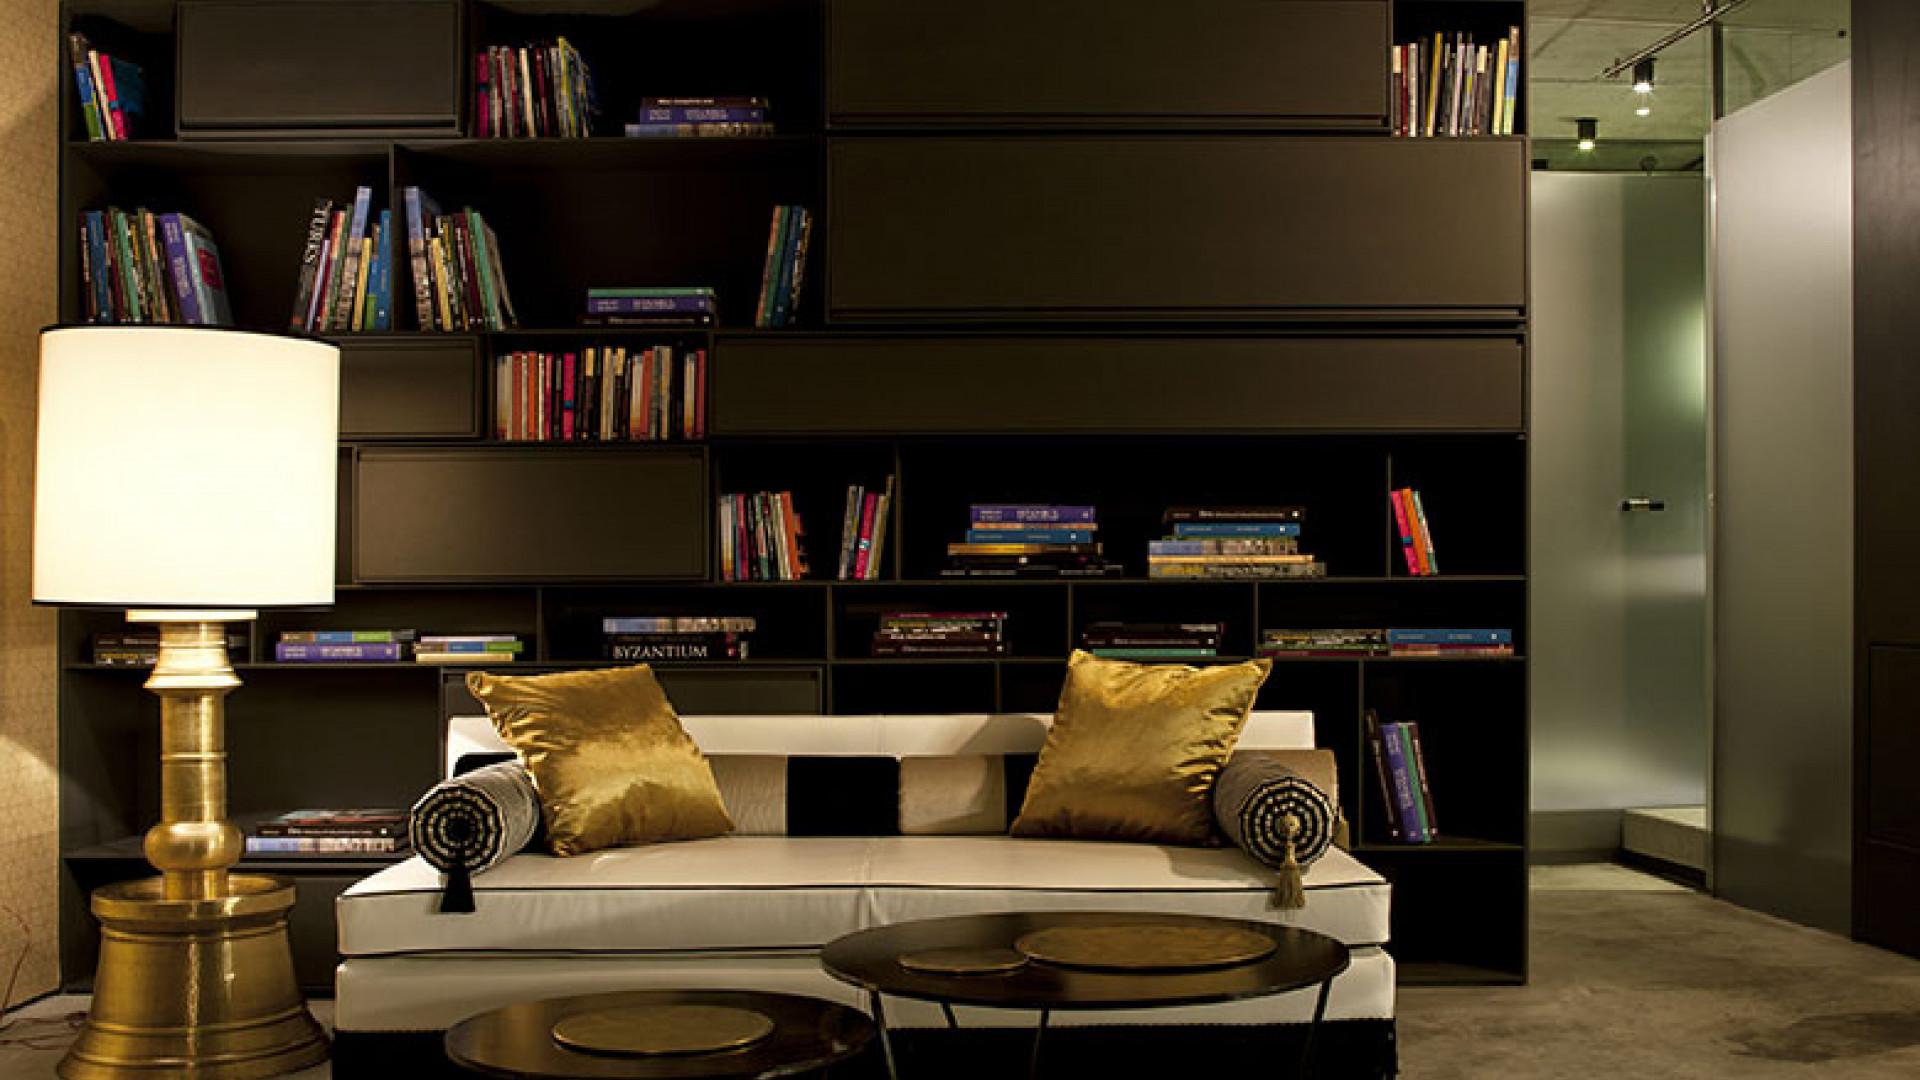 Istanbullux-Suites-2